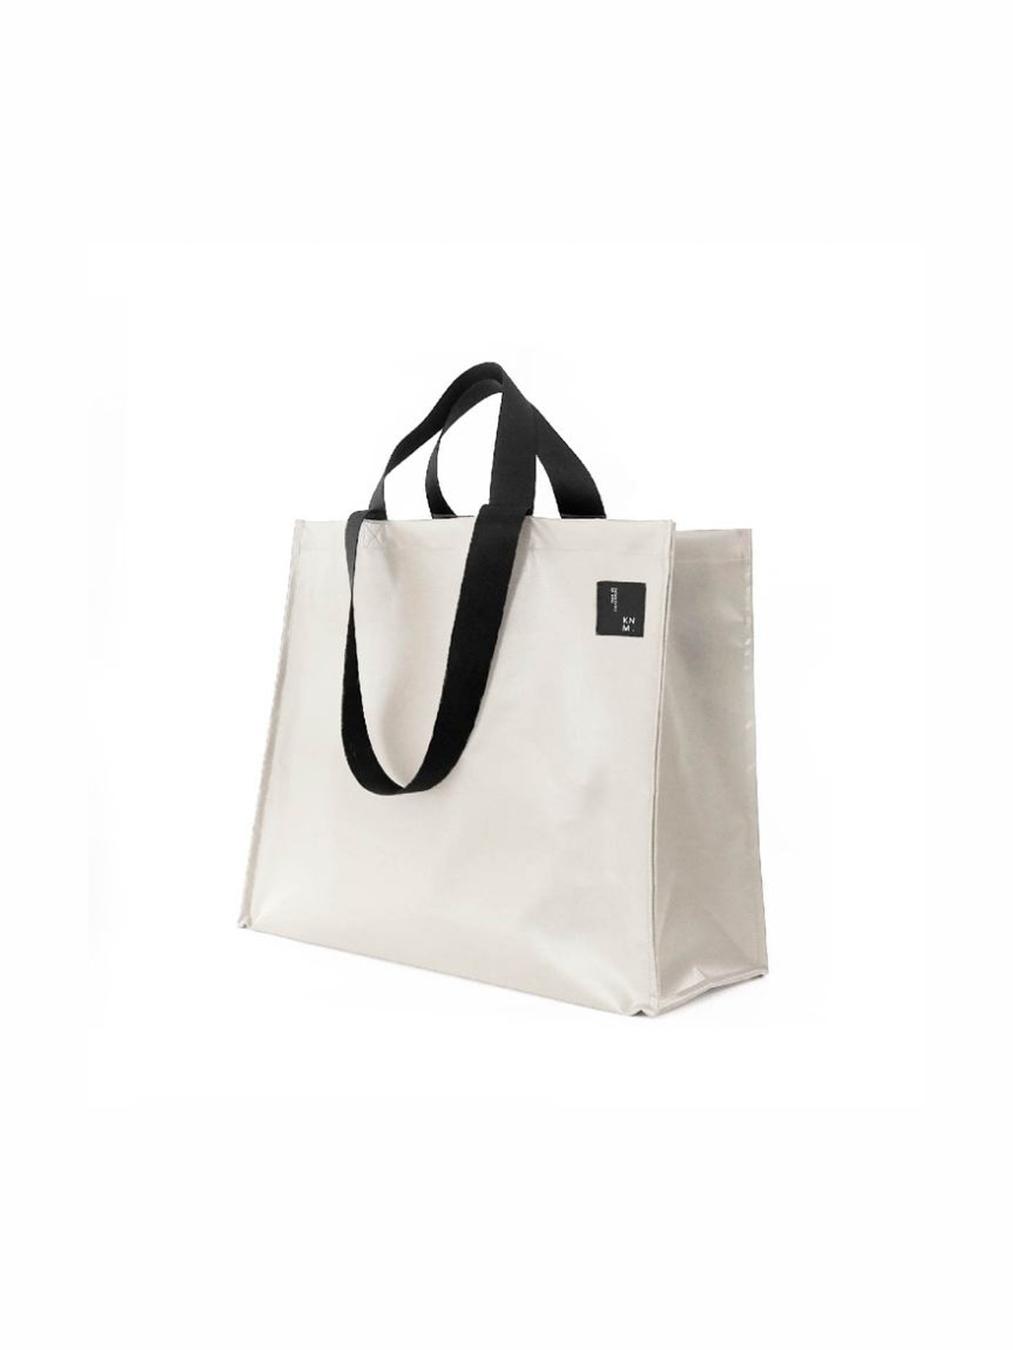 Carton Bag  (Cloud)